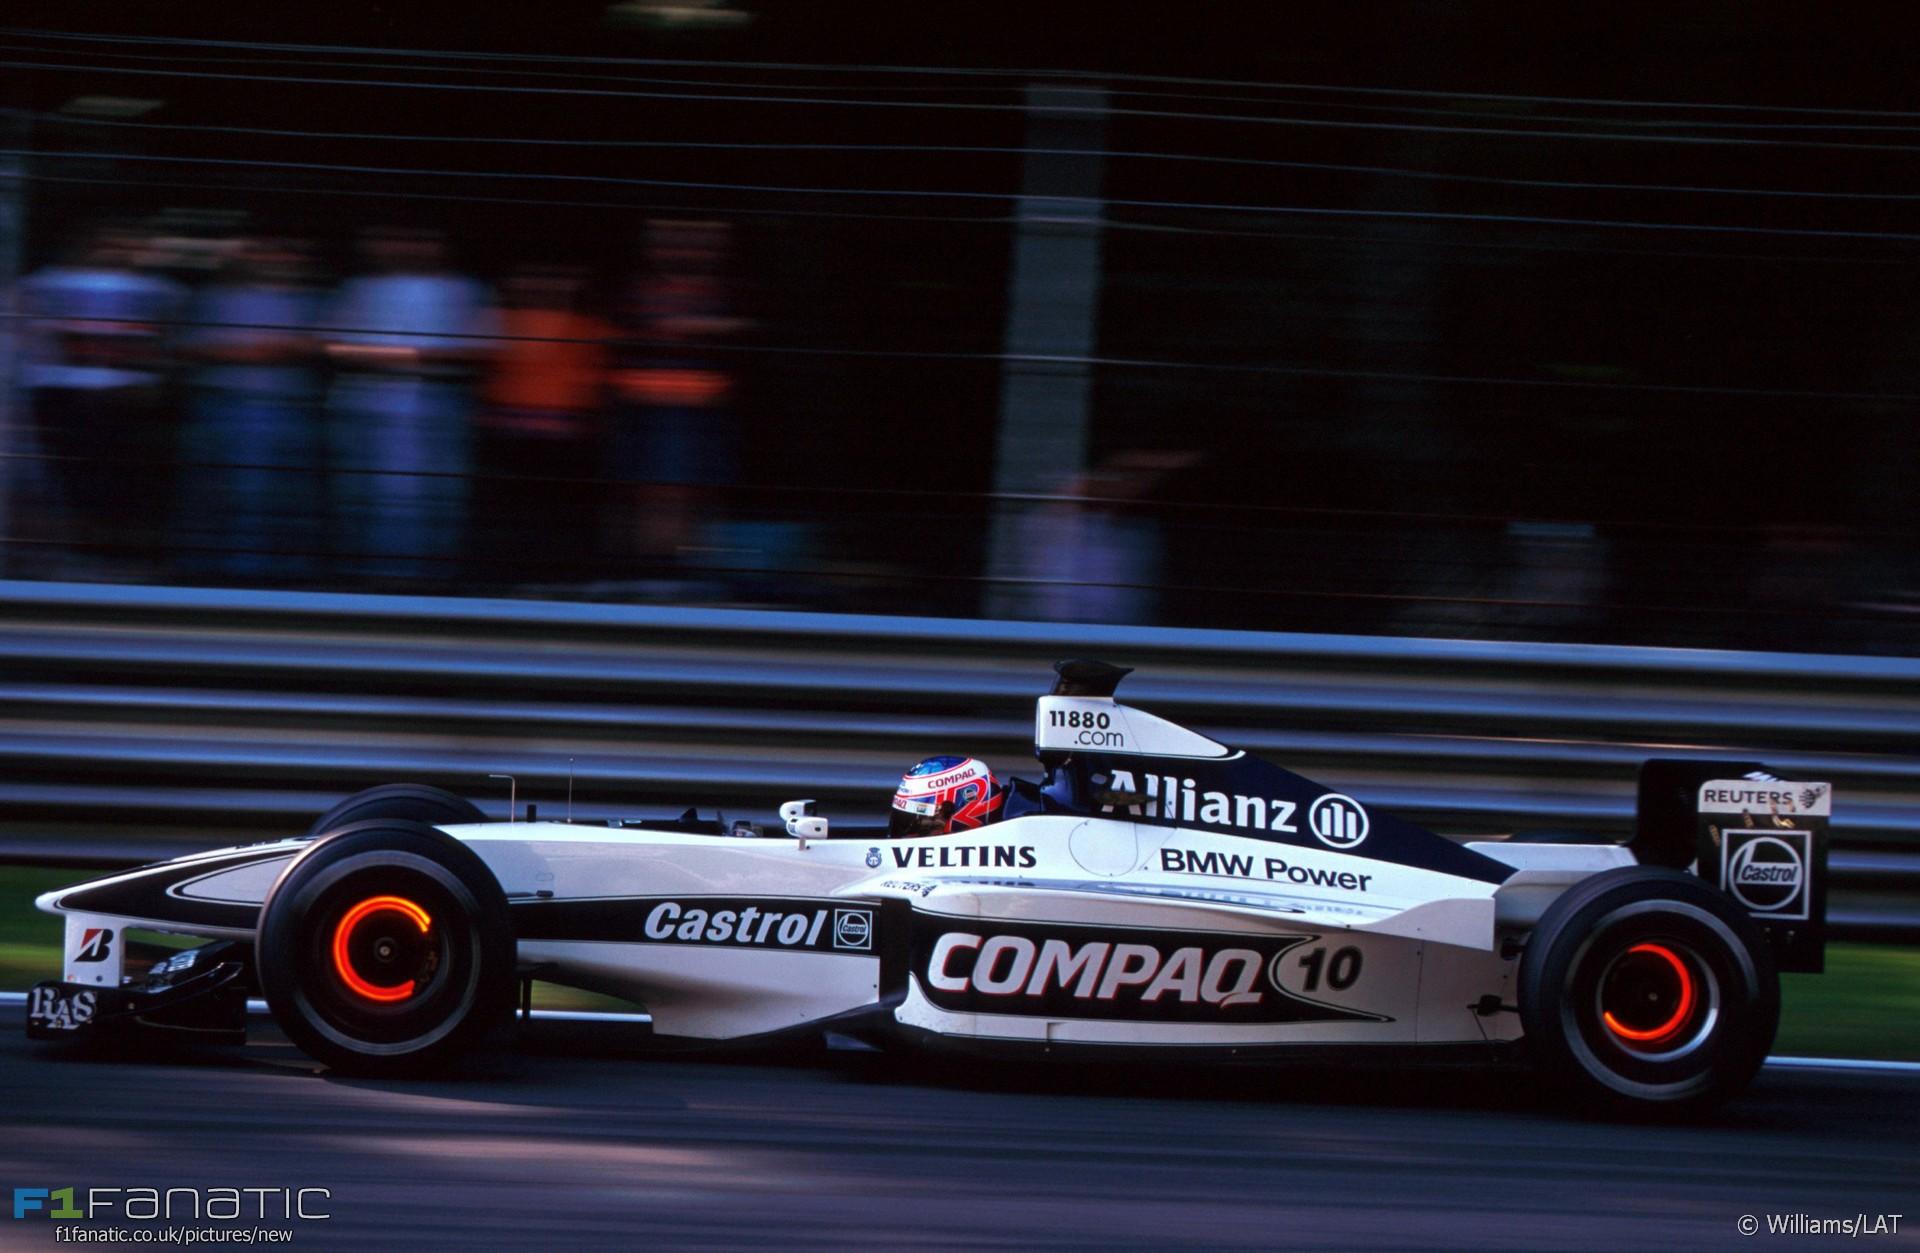 Jenson Button, Williams, Monza, 2000